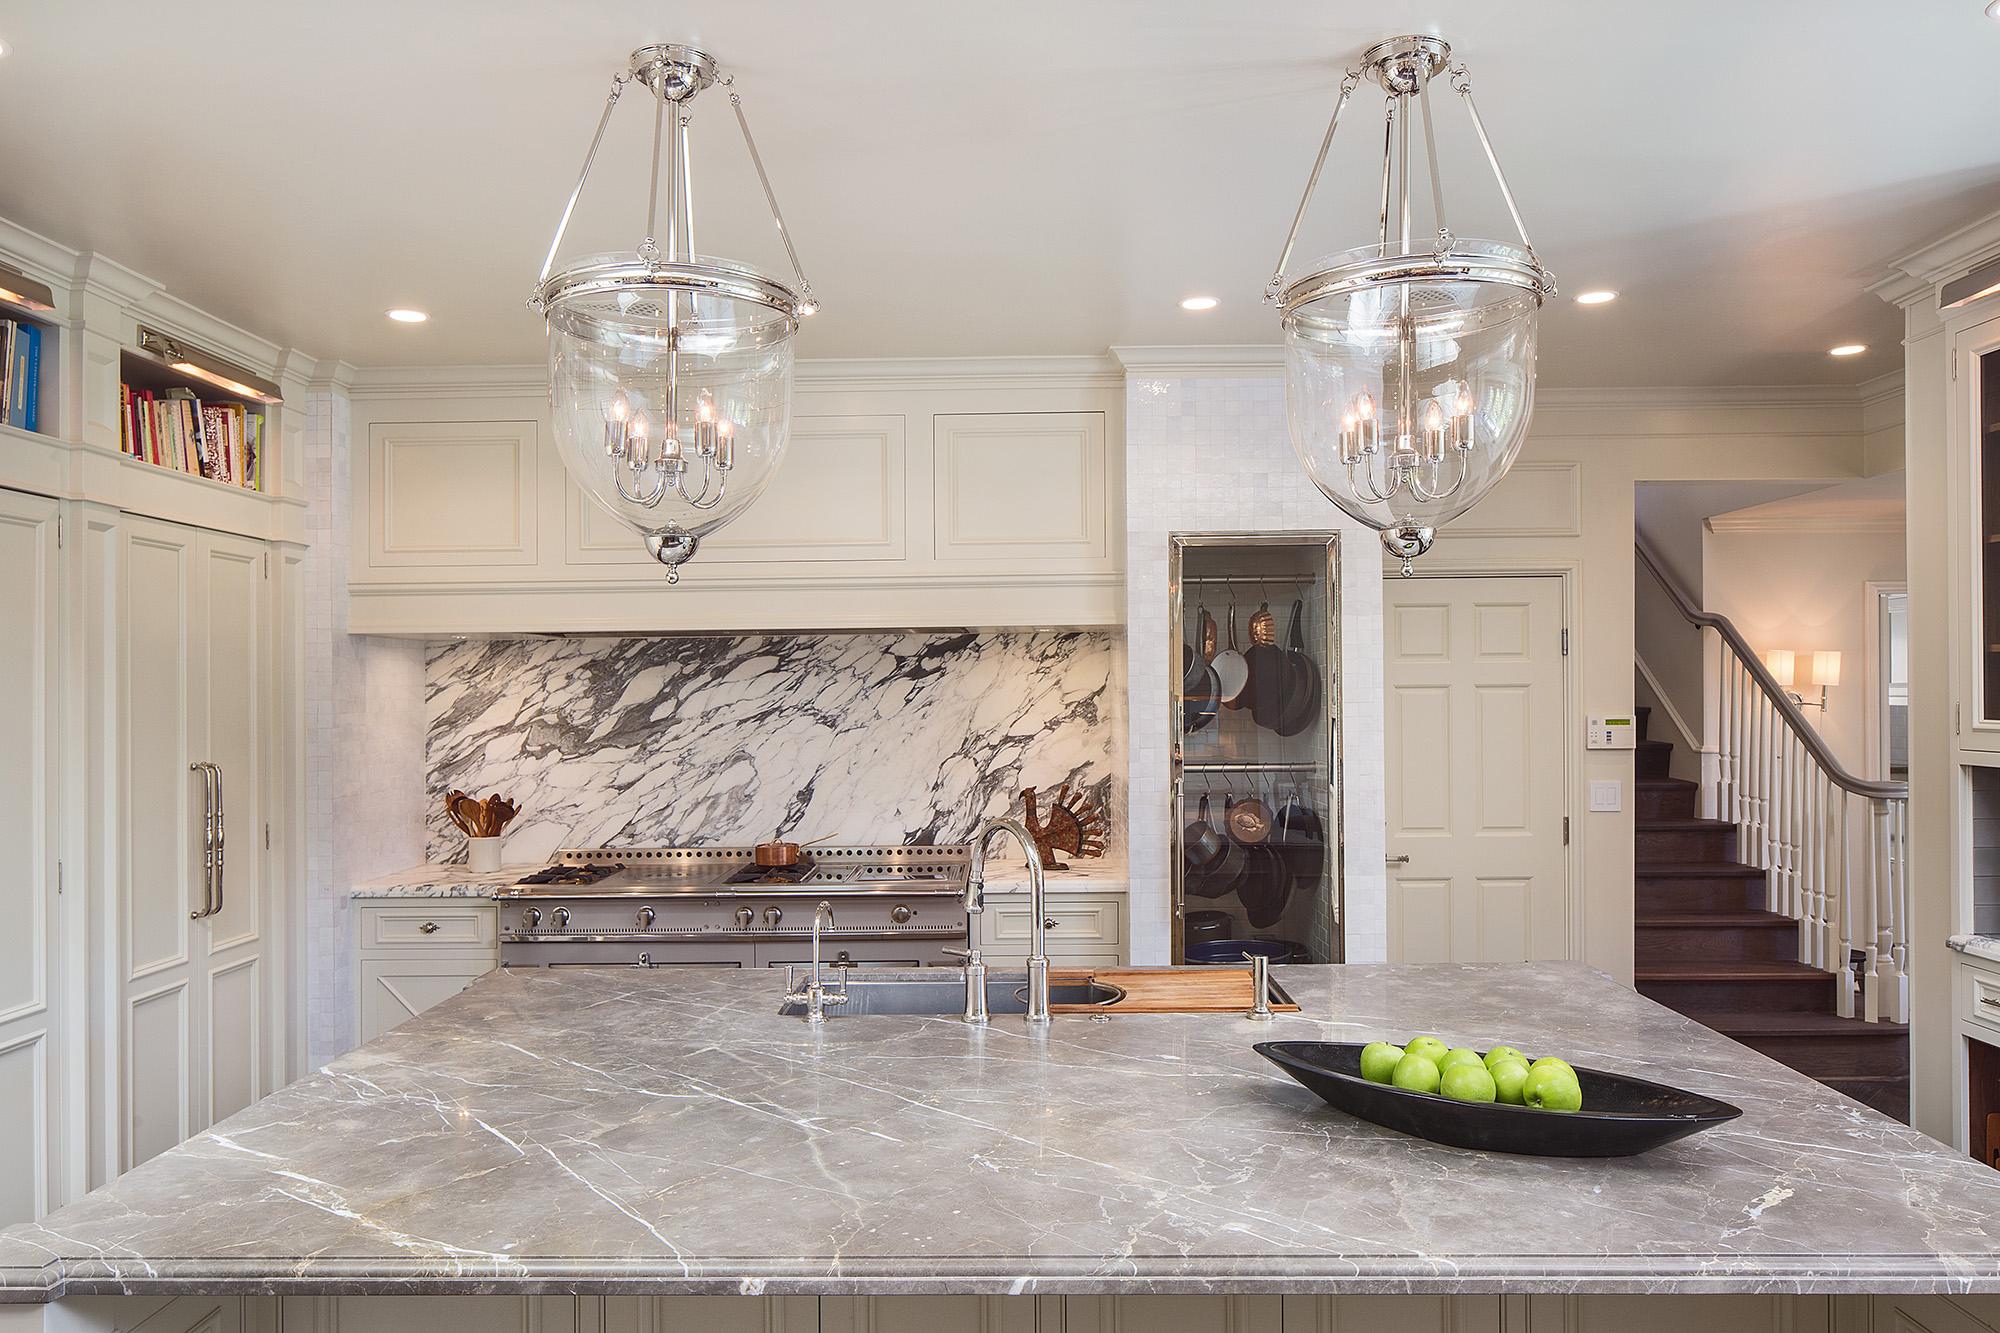 chelsea-kitchen-marble-lighting-chelsea.jpg